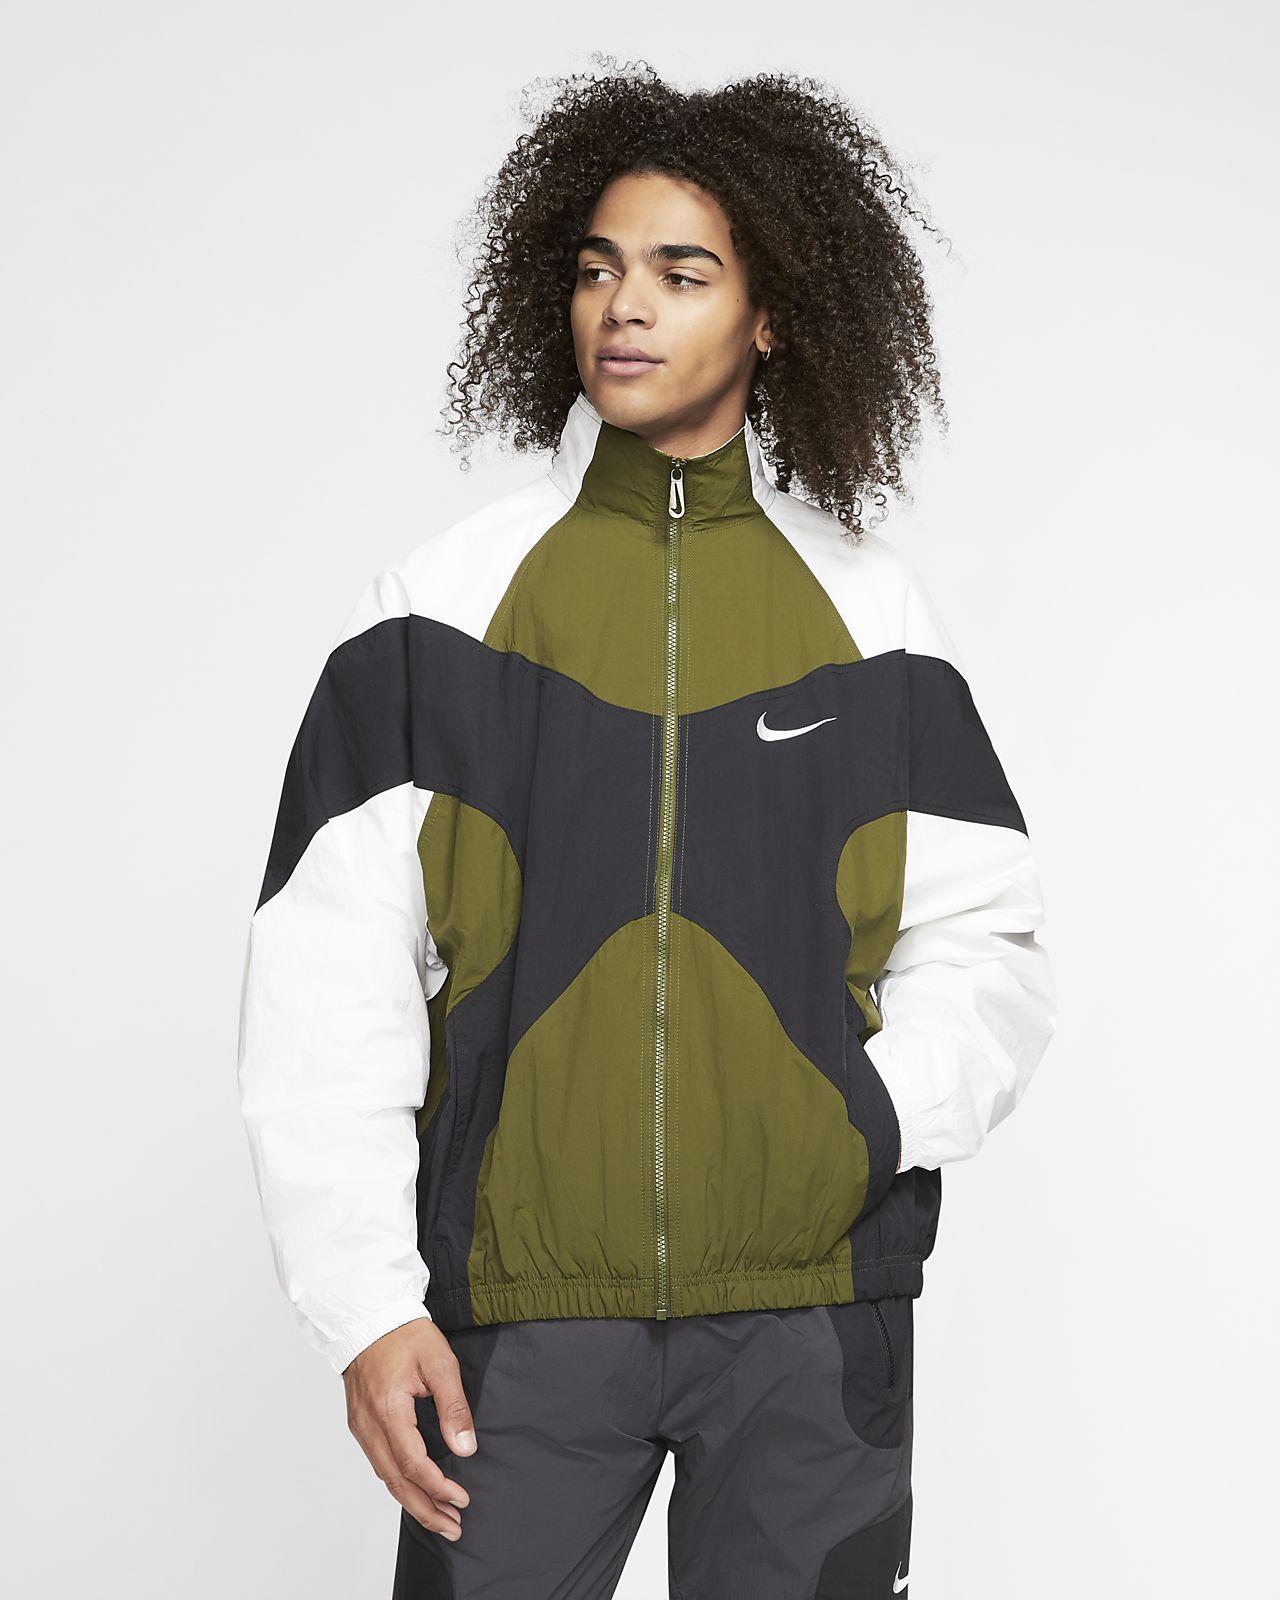 Nike Sportswear Men's Woven Jacket